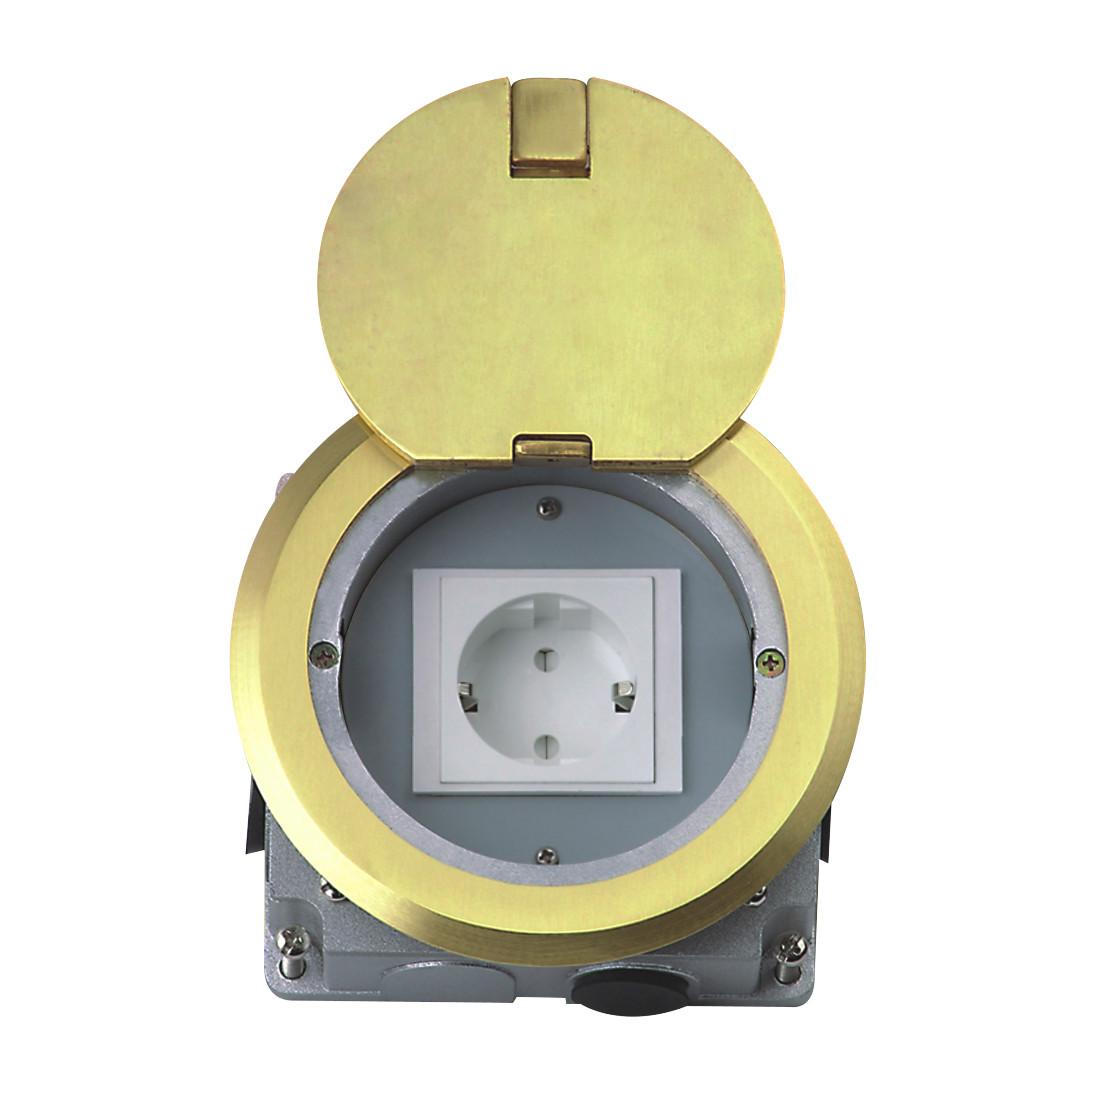 Напольный лючок на 1 модуль Mosaic 45 (45*45) , круглый, цвет золото, HTD-140K